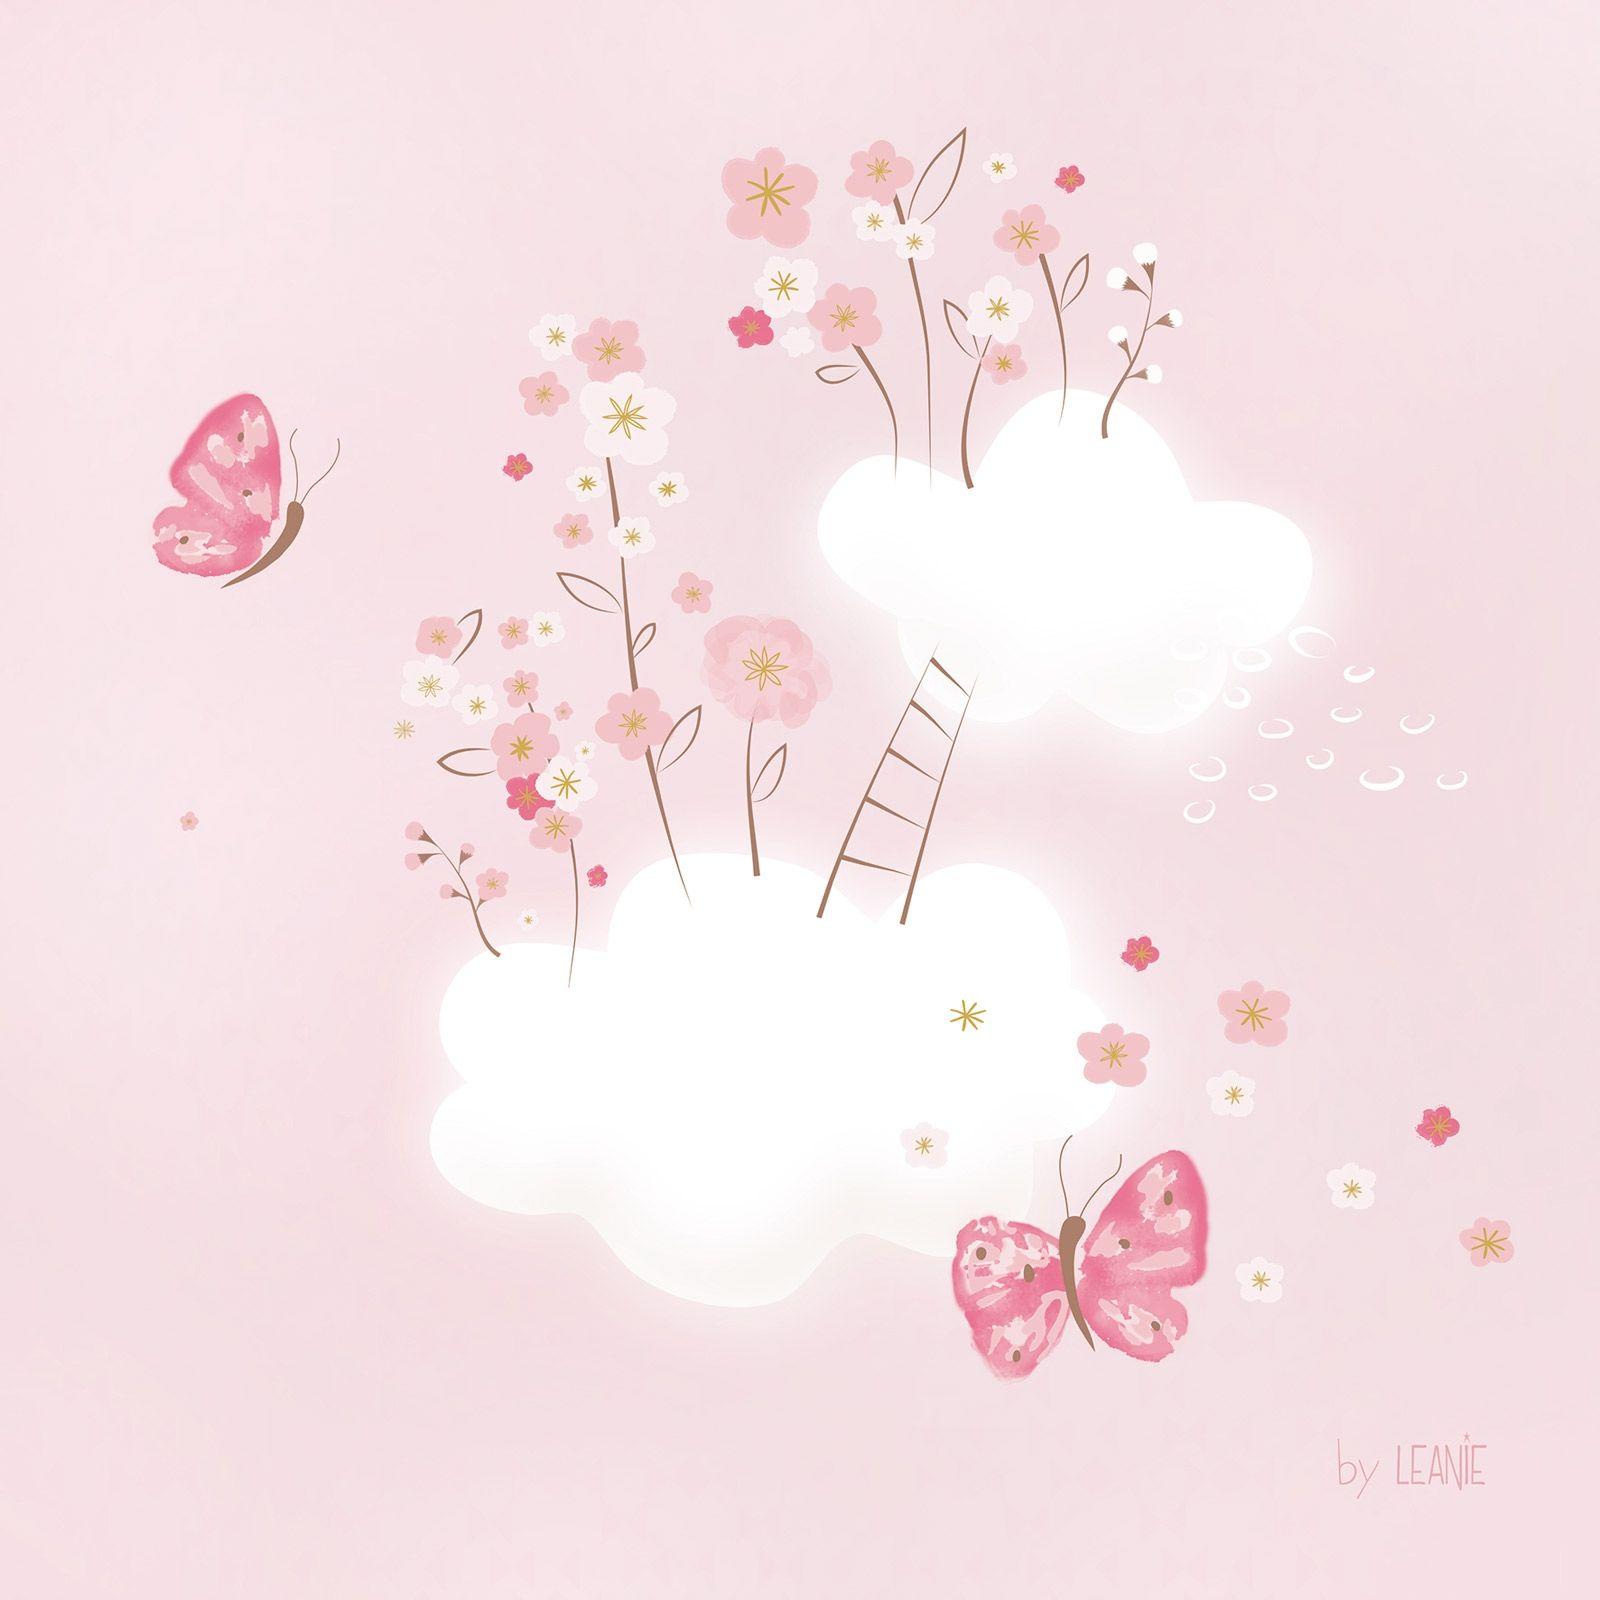 Tableau Cherry Blossom By Leanie Nuages En Fleurs 50 X 50 Cm